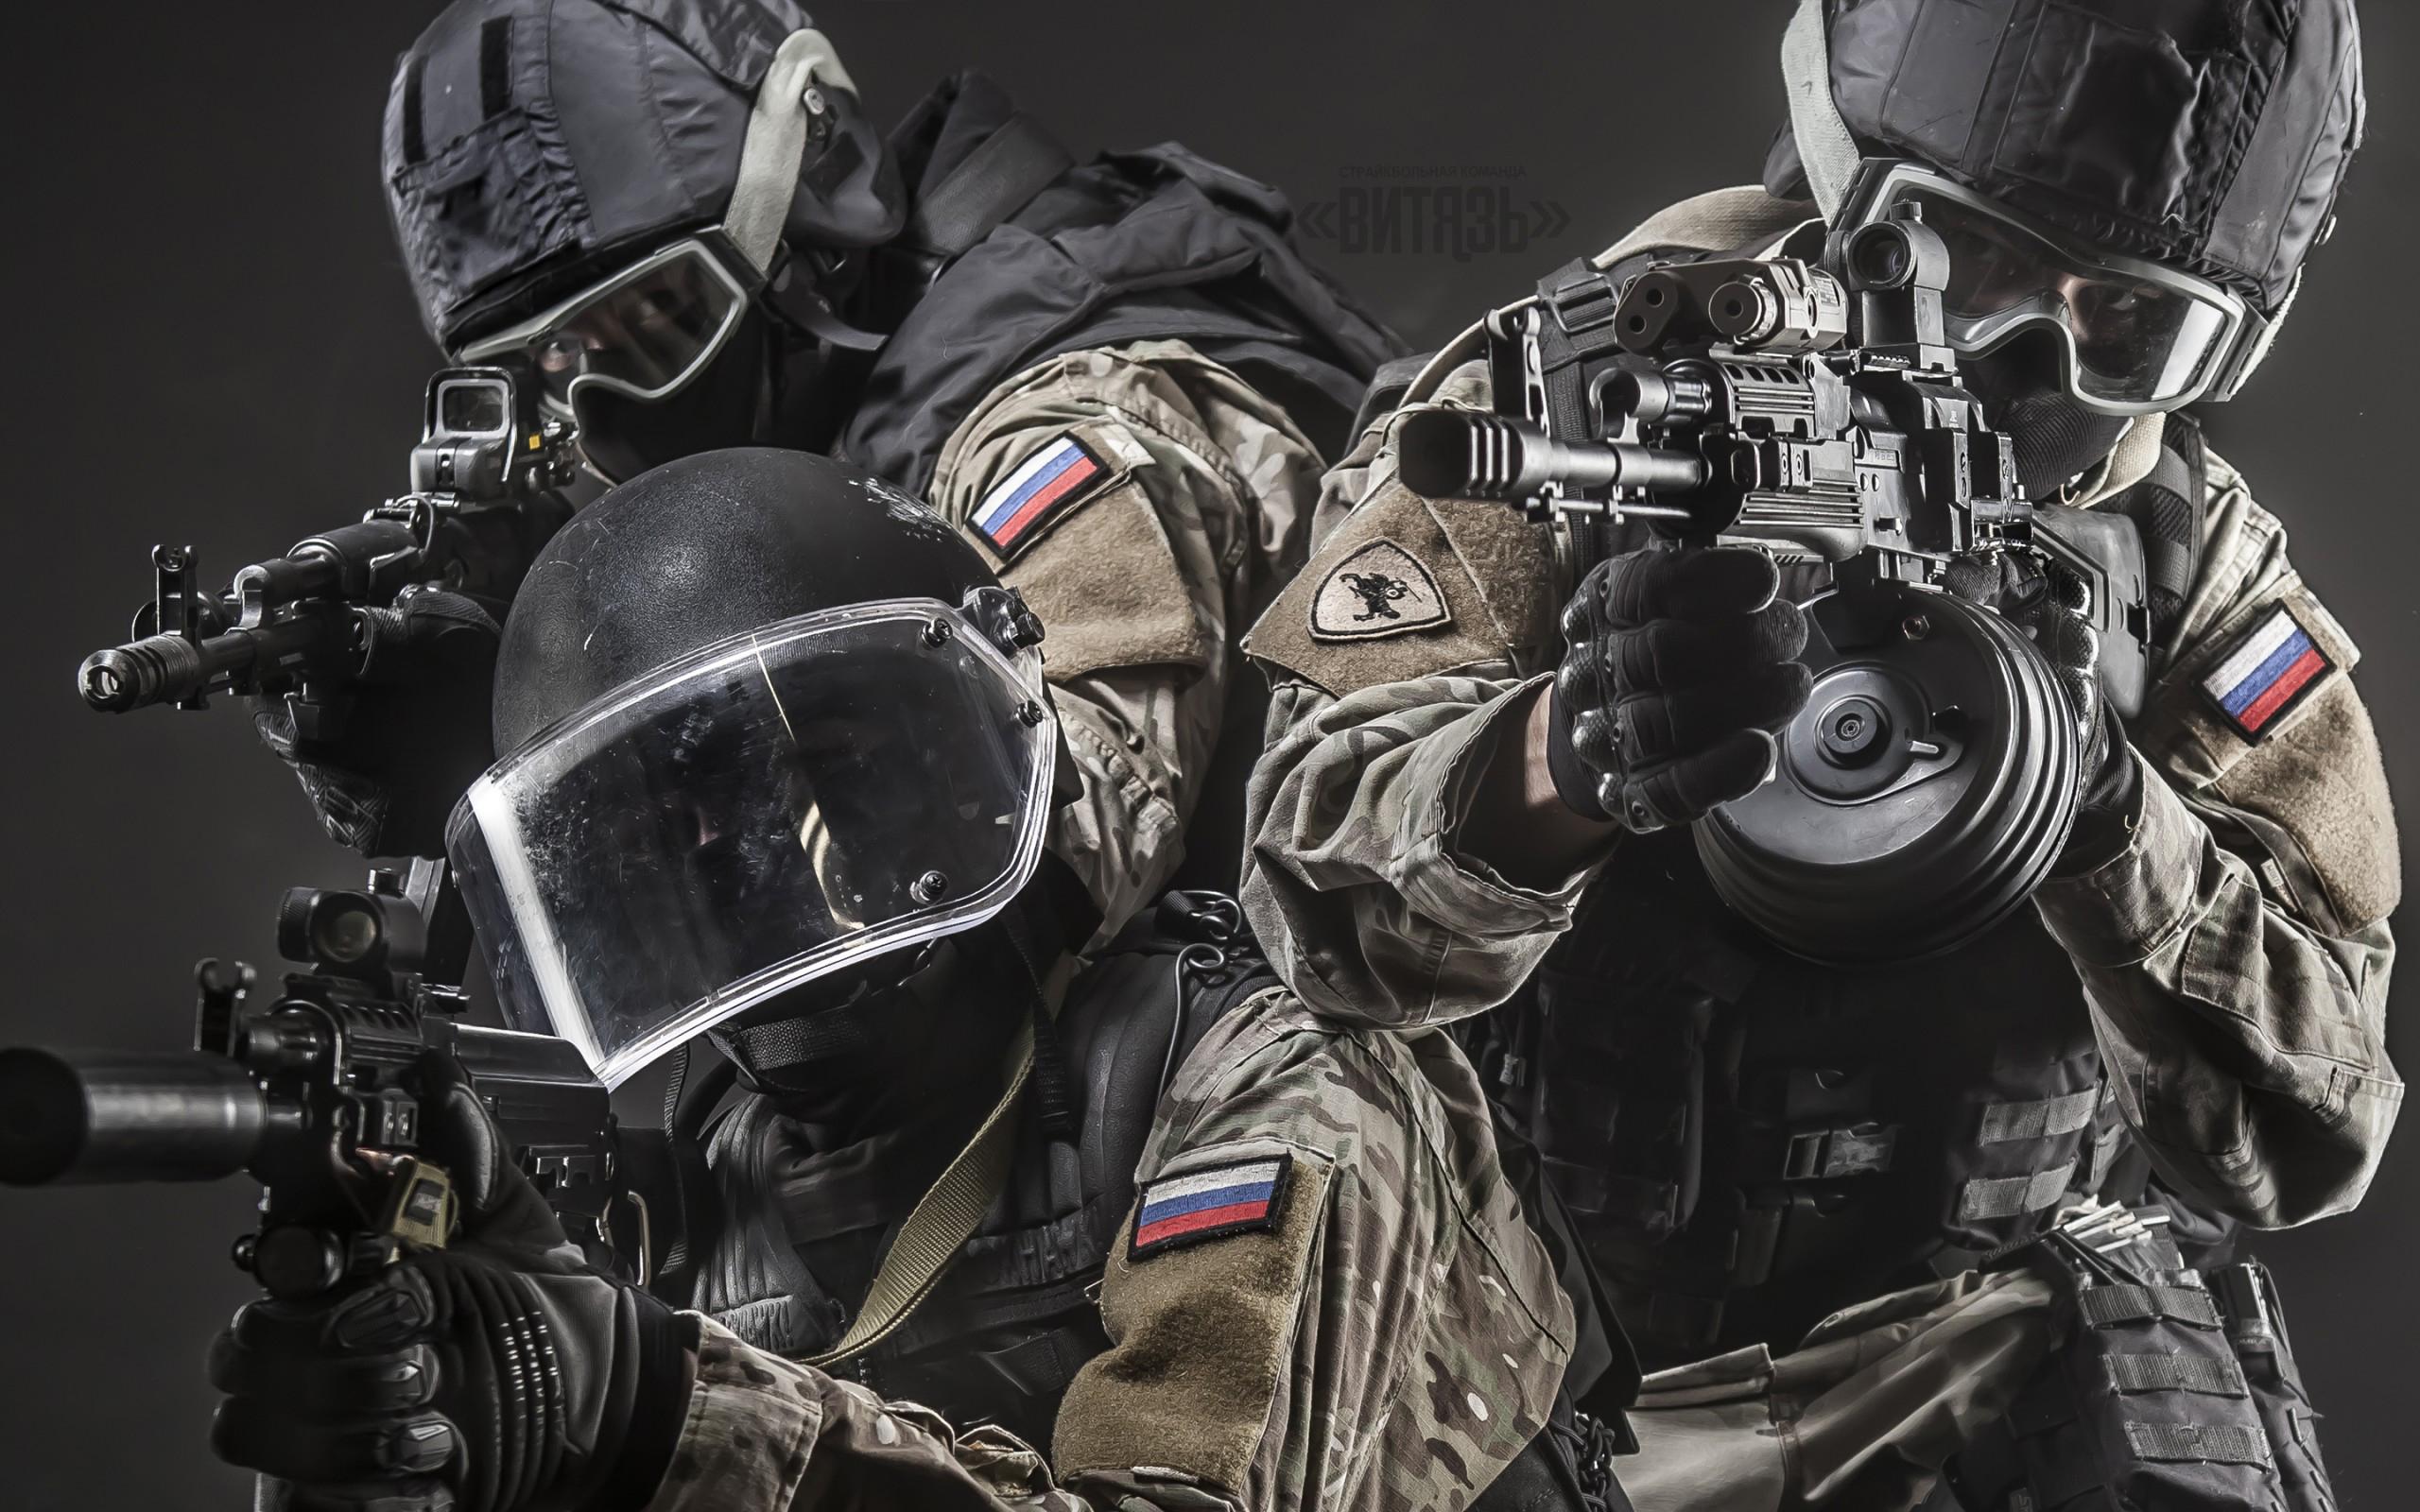 Картинки крутые военных, макрос дельта мессер